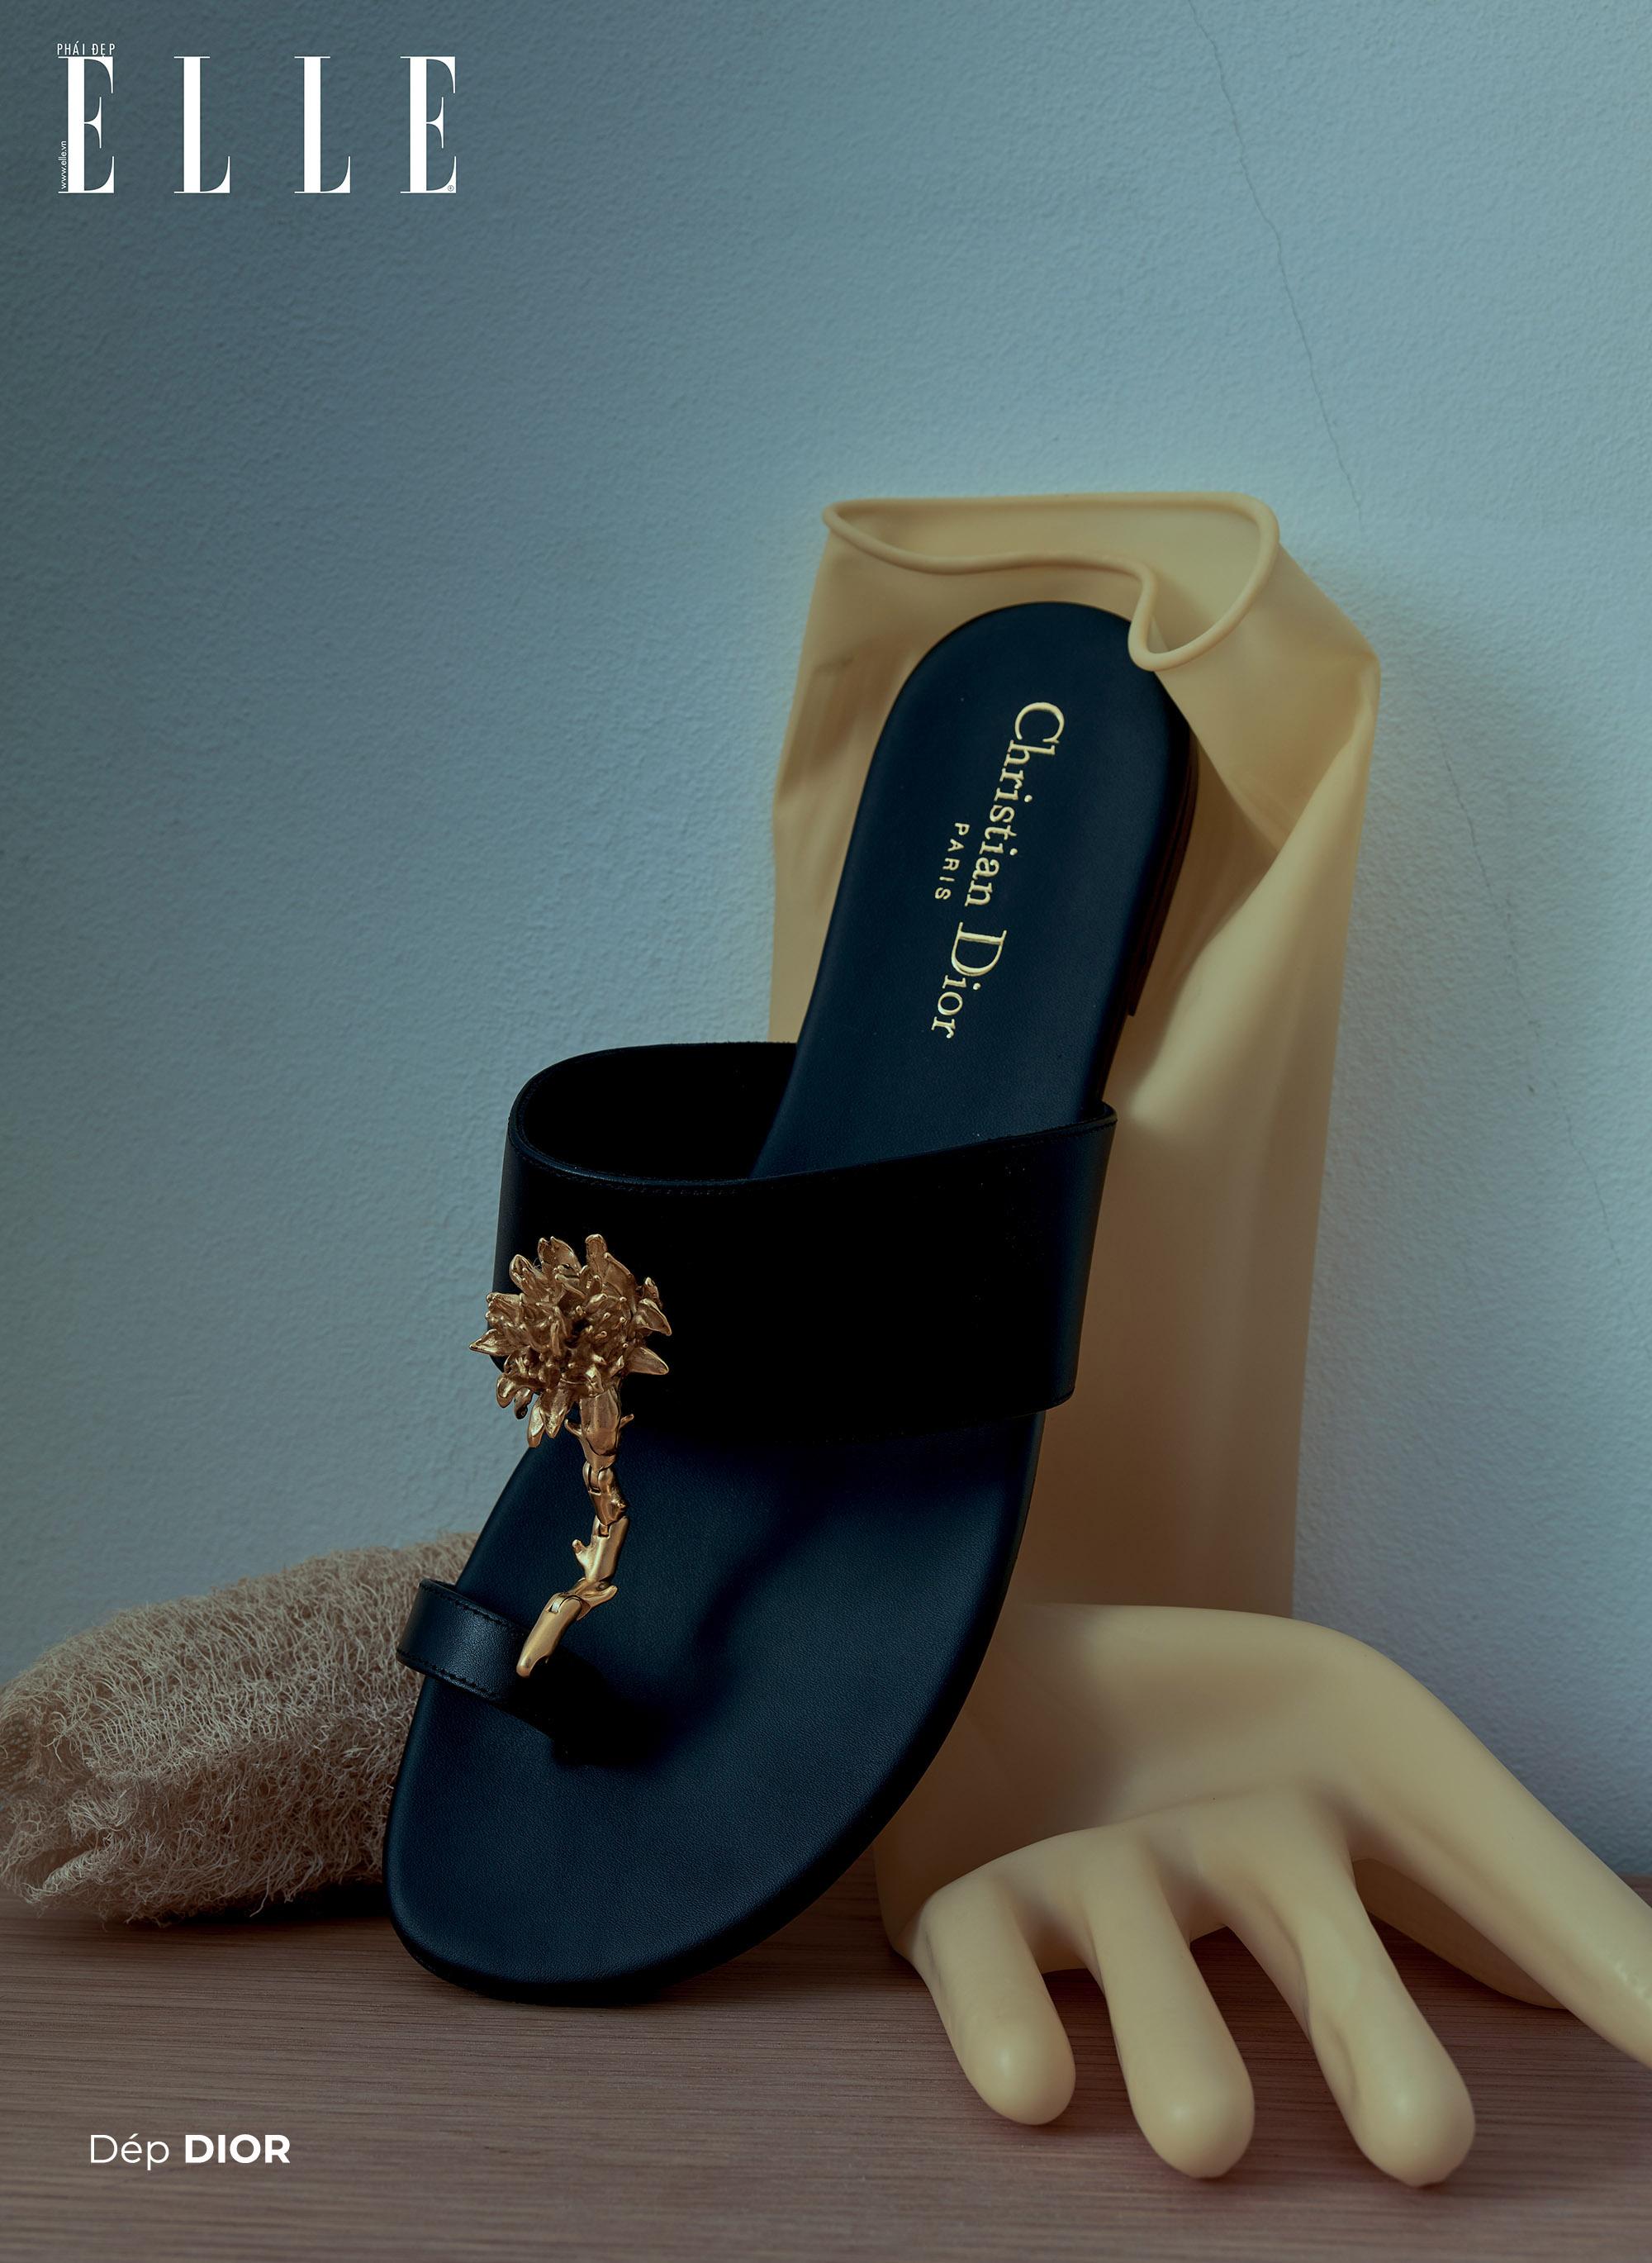 bộ ảnh phụ kiện thời trang Xuân Hè 2020 dép Christian Dior